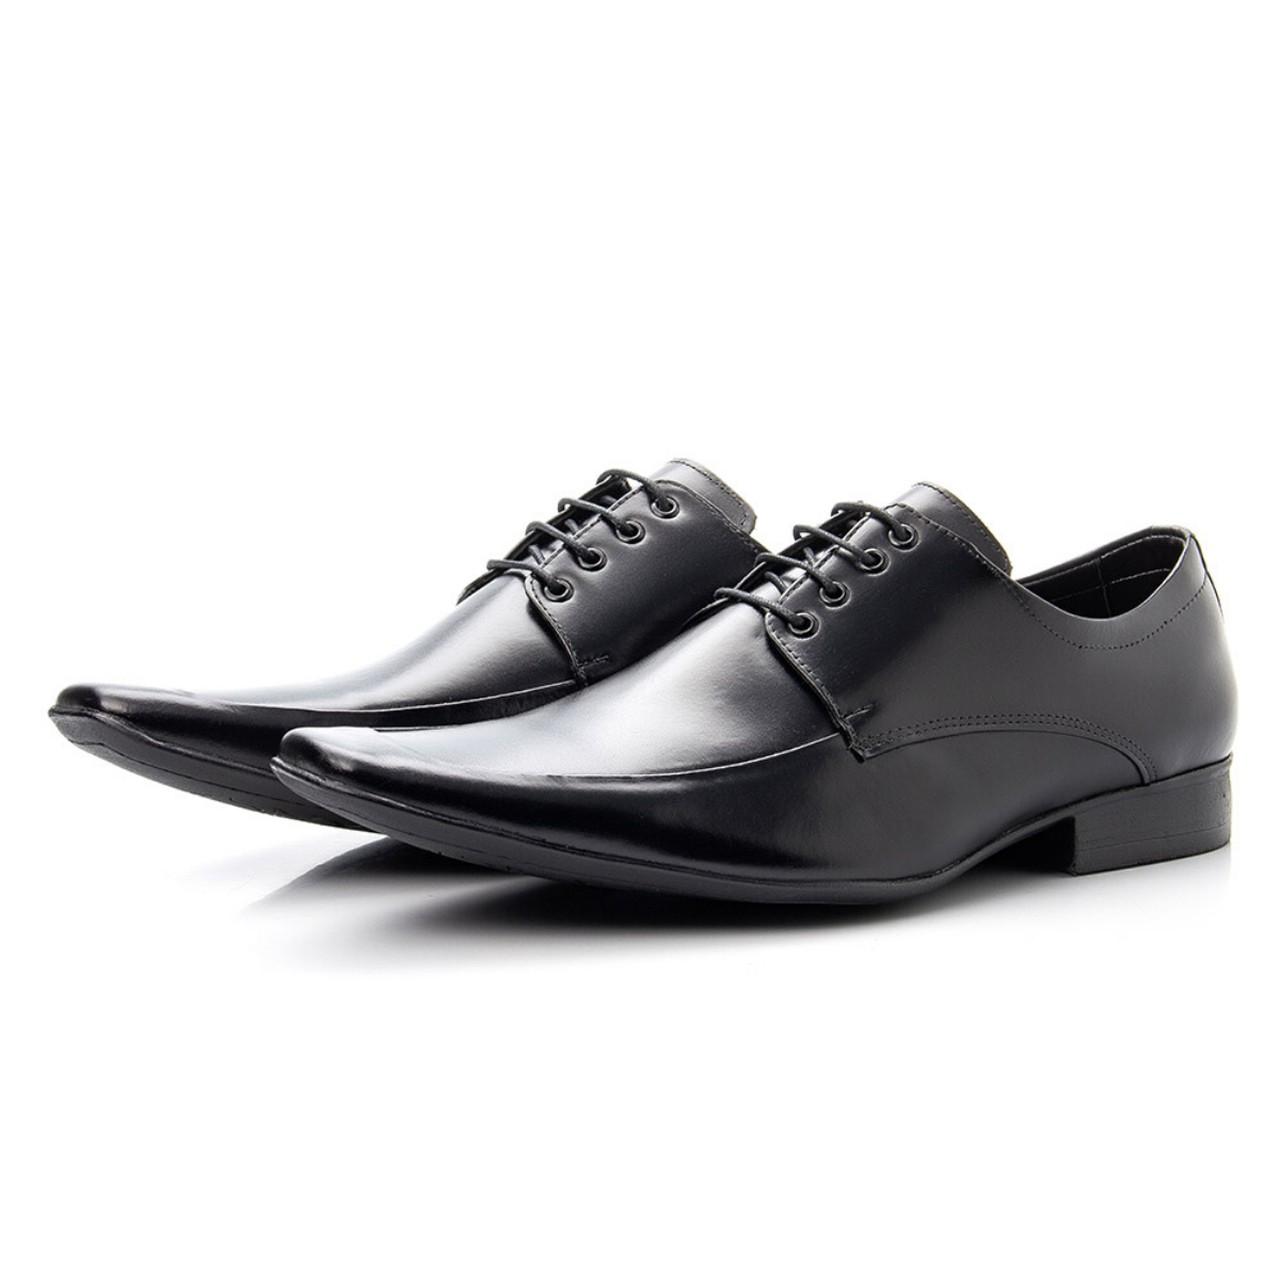 Sapato Social Gravata Bigioni Couro Preto